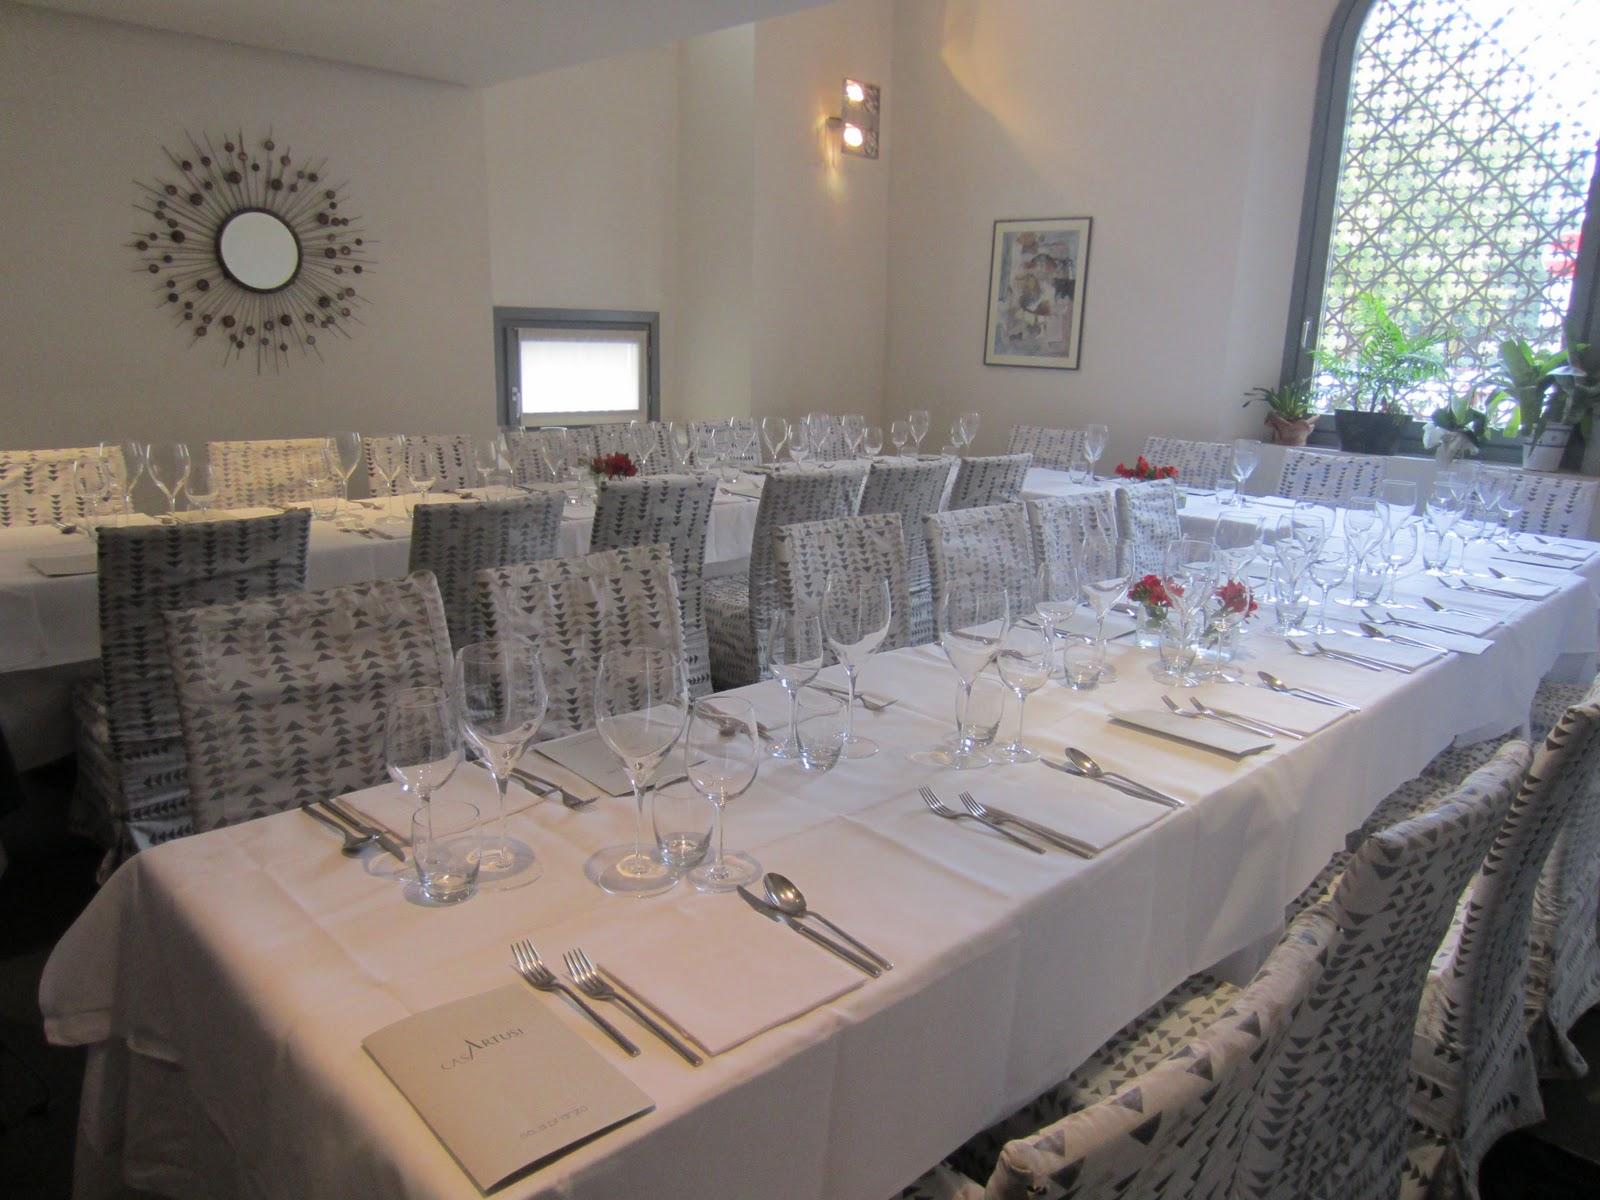 La Sala Da Pranzo Poco Prima Che Venisse Invasa Da Gente Affamata #7F6A4C 1600 1200 Come Addobbare Una Sala Da Pranzo Per Natale